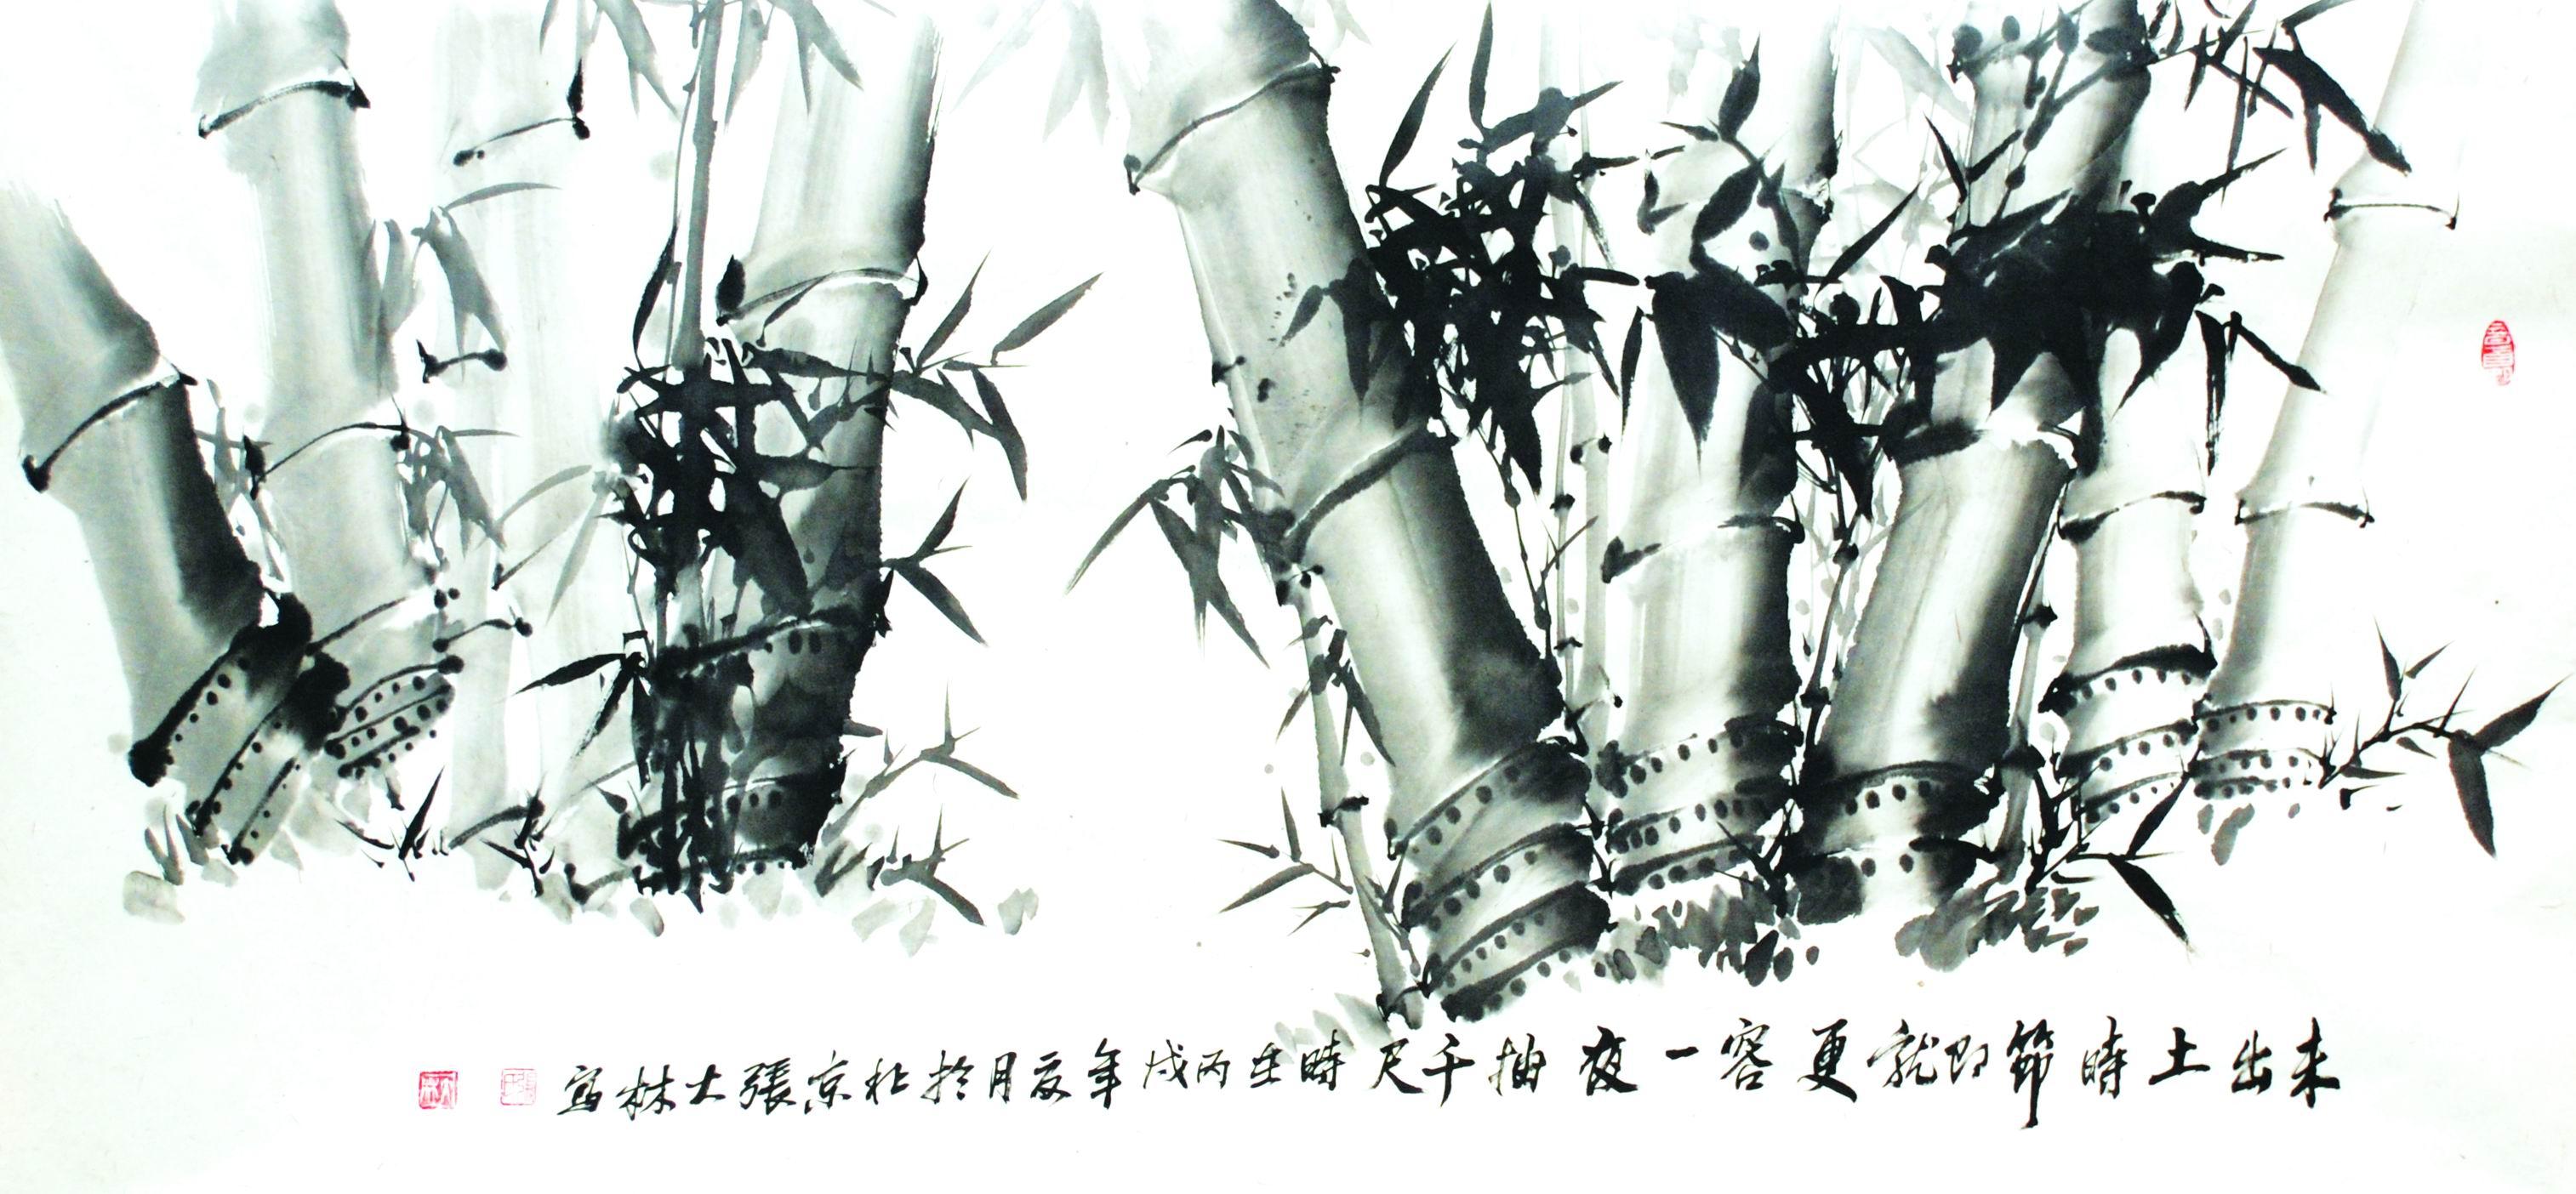 张大林大写意国画欣赏图片